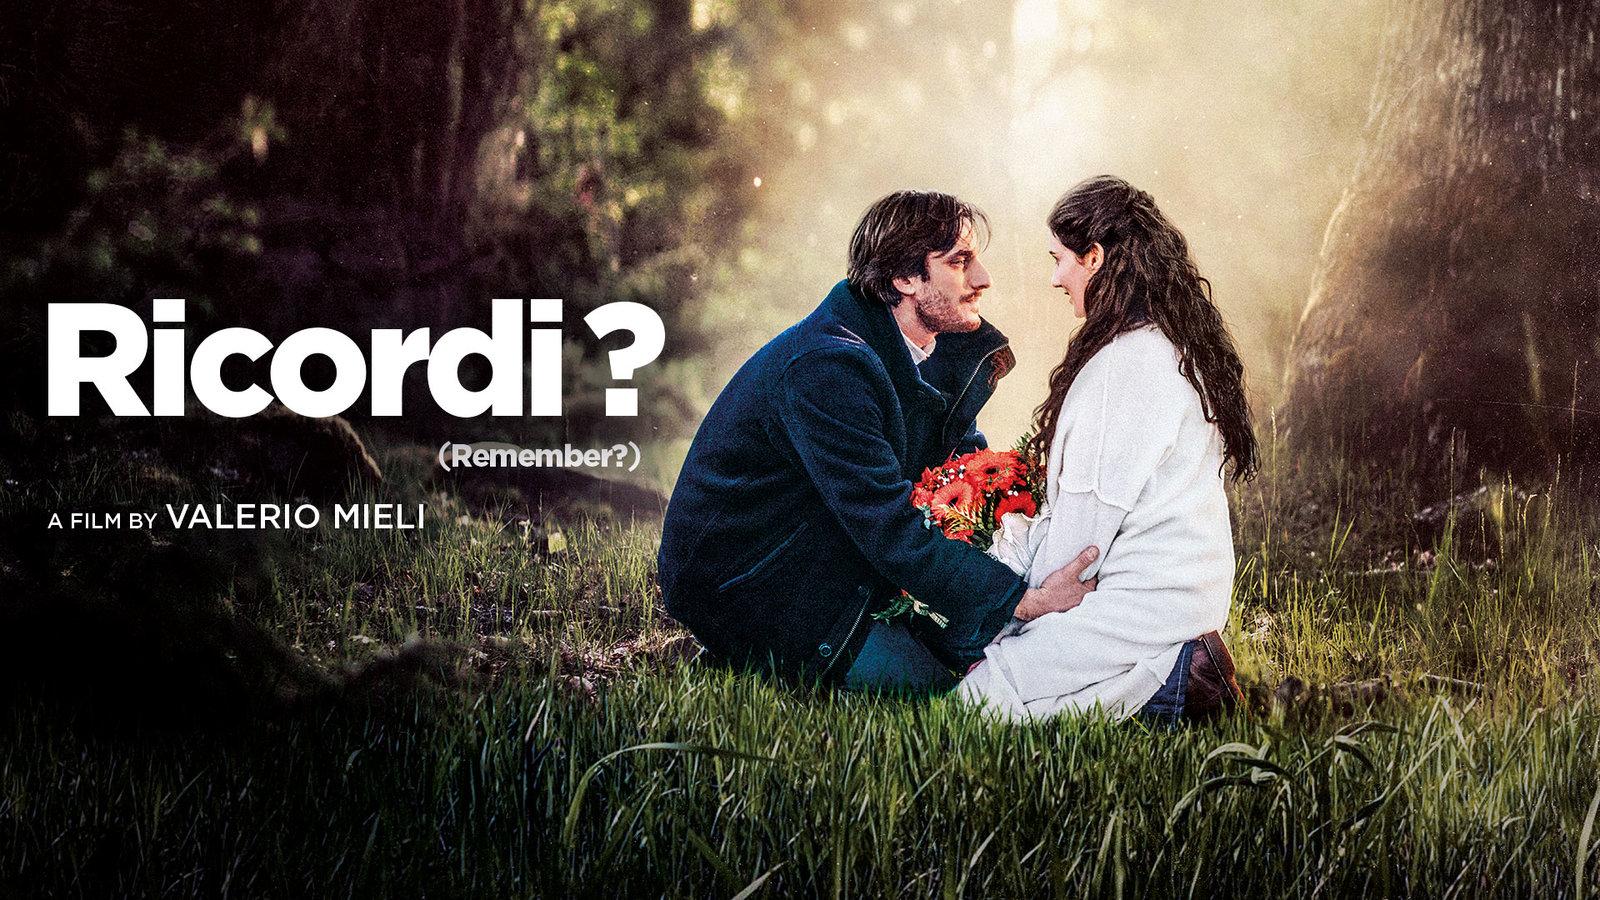 Ricordi? - Remember?